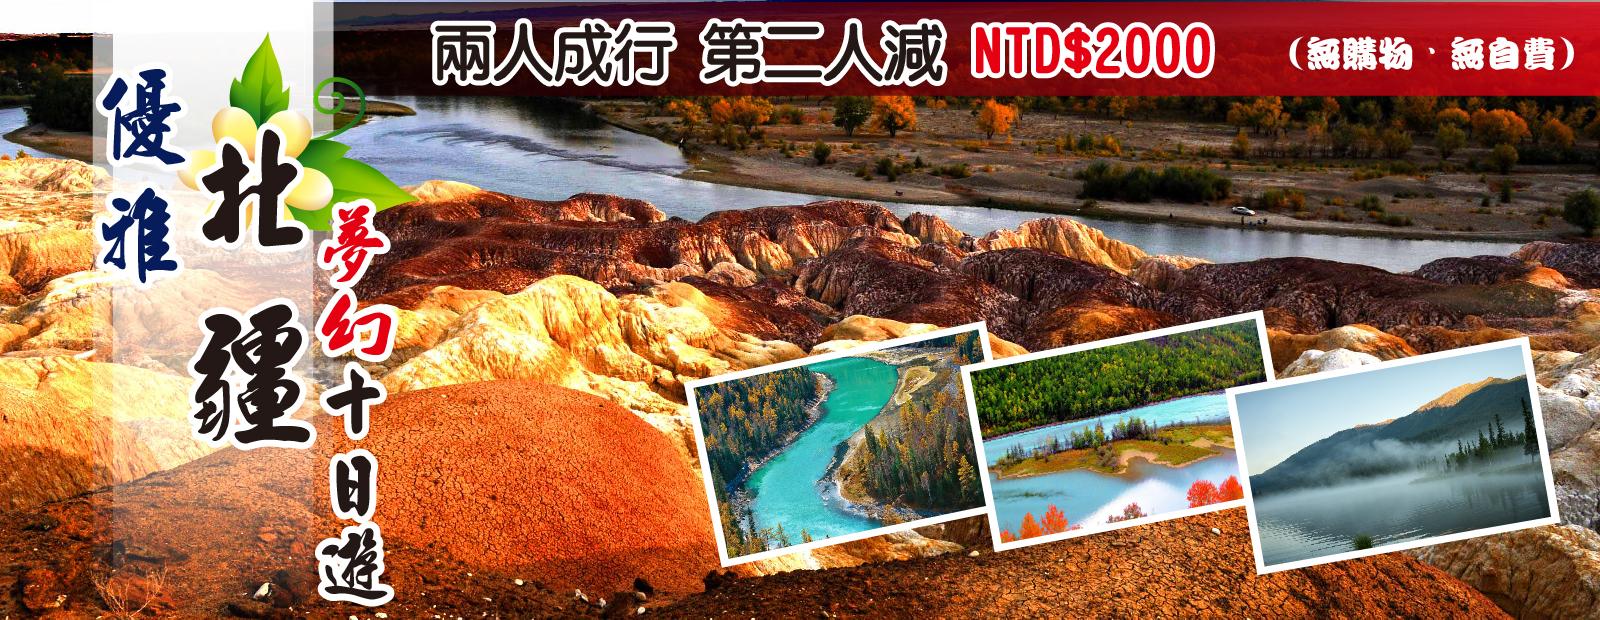 優雅北疆10遊